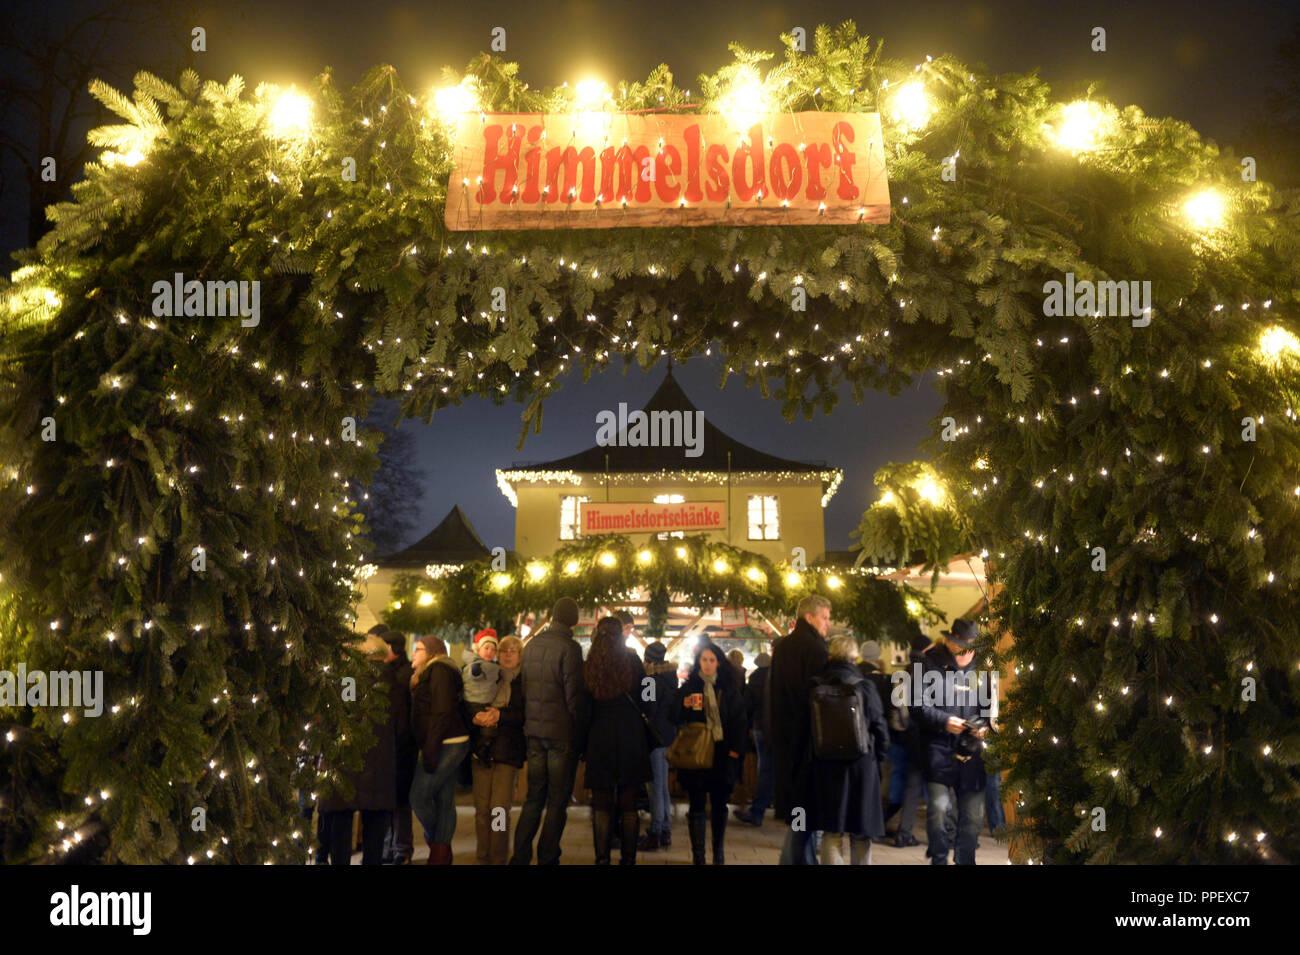 Weihnachtsmarkt Am Chinesischen Turm.Eingang Himmelsdorf Auf Die Festlich Beleuchtete Weihnachtsmarkt Am